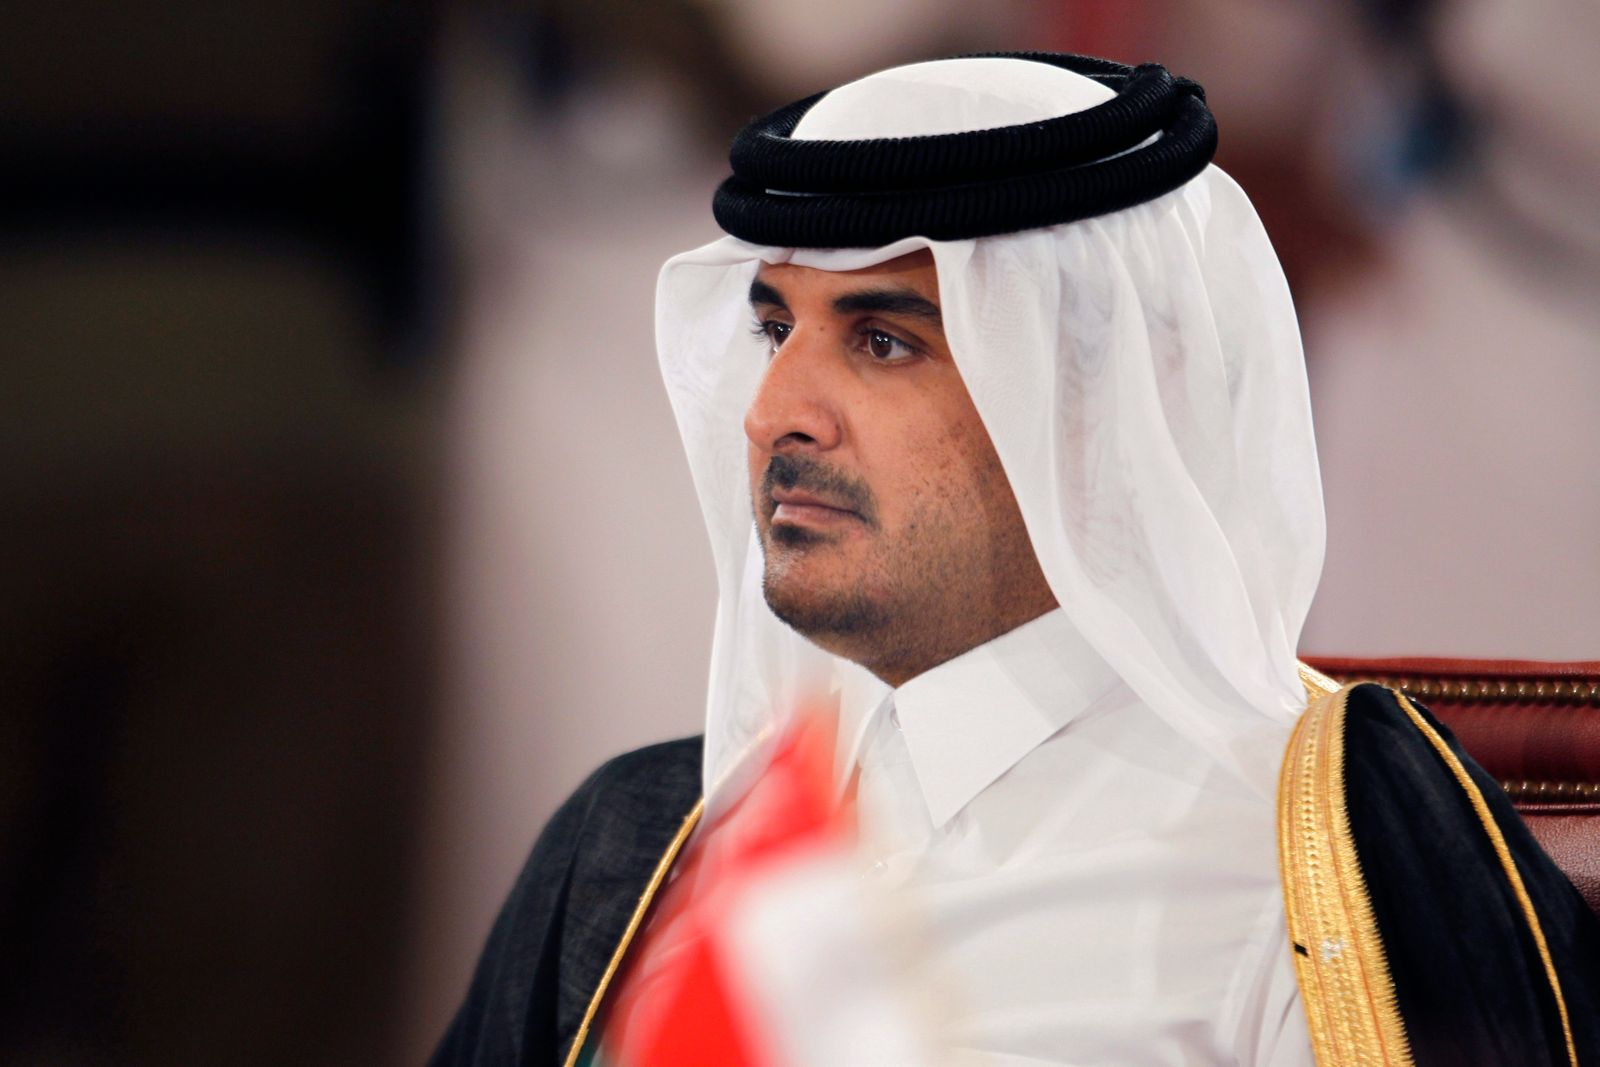 Scheich Tamim bin Hamad bin Khalifa Al-Thani